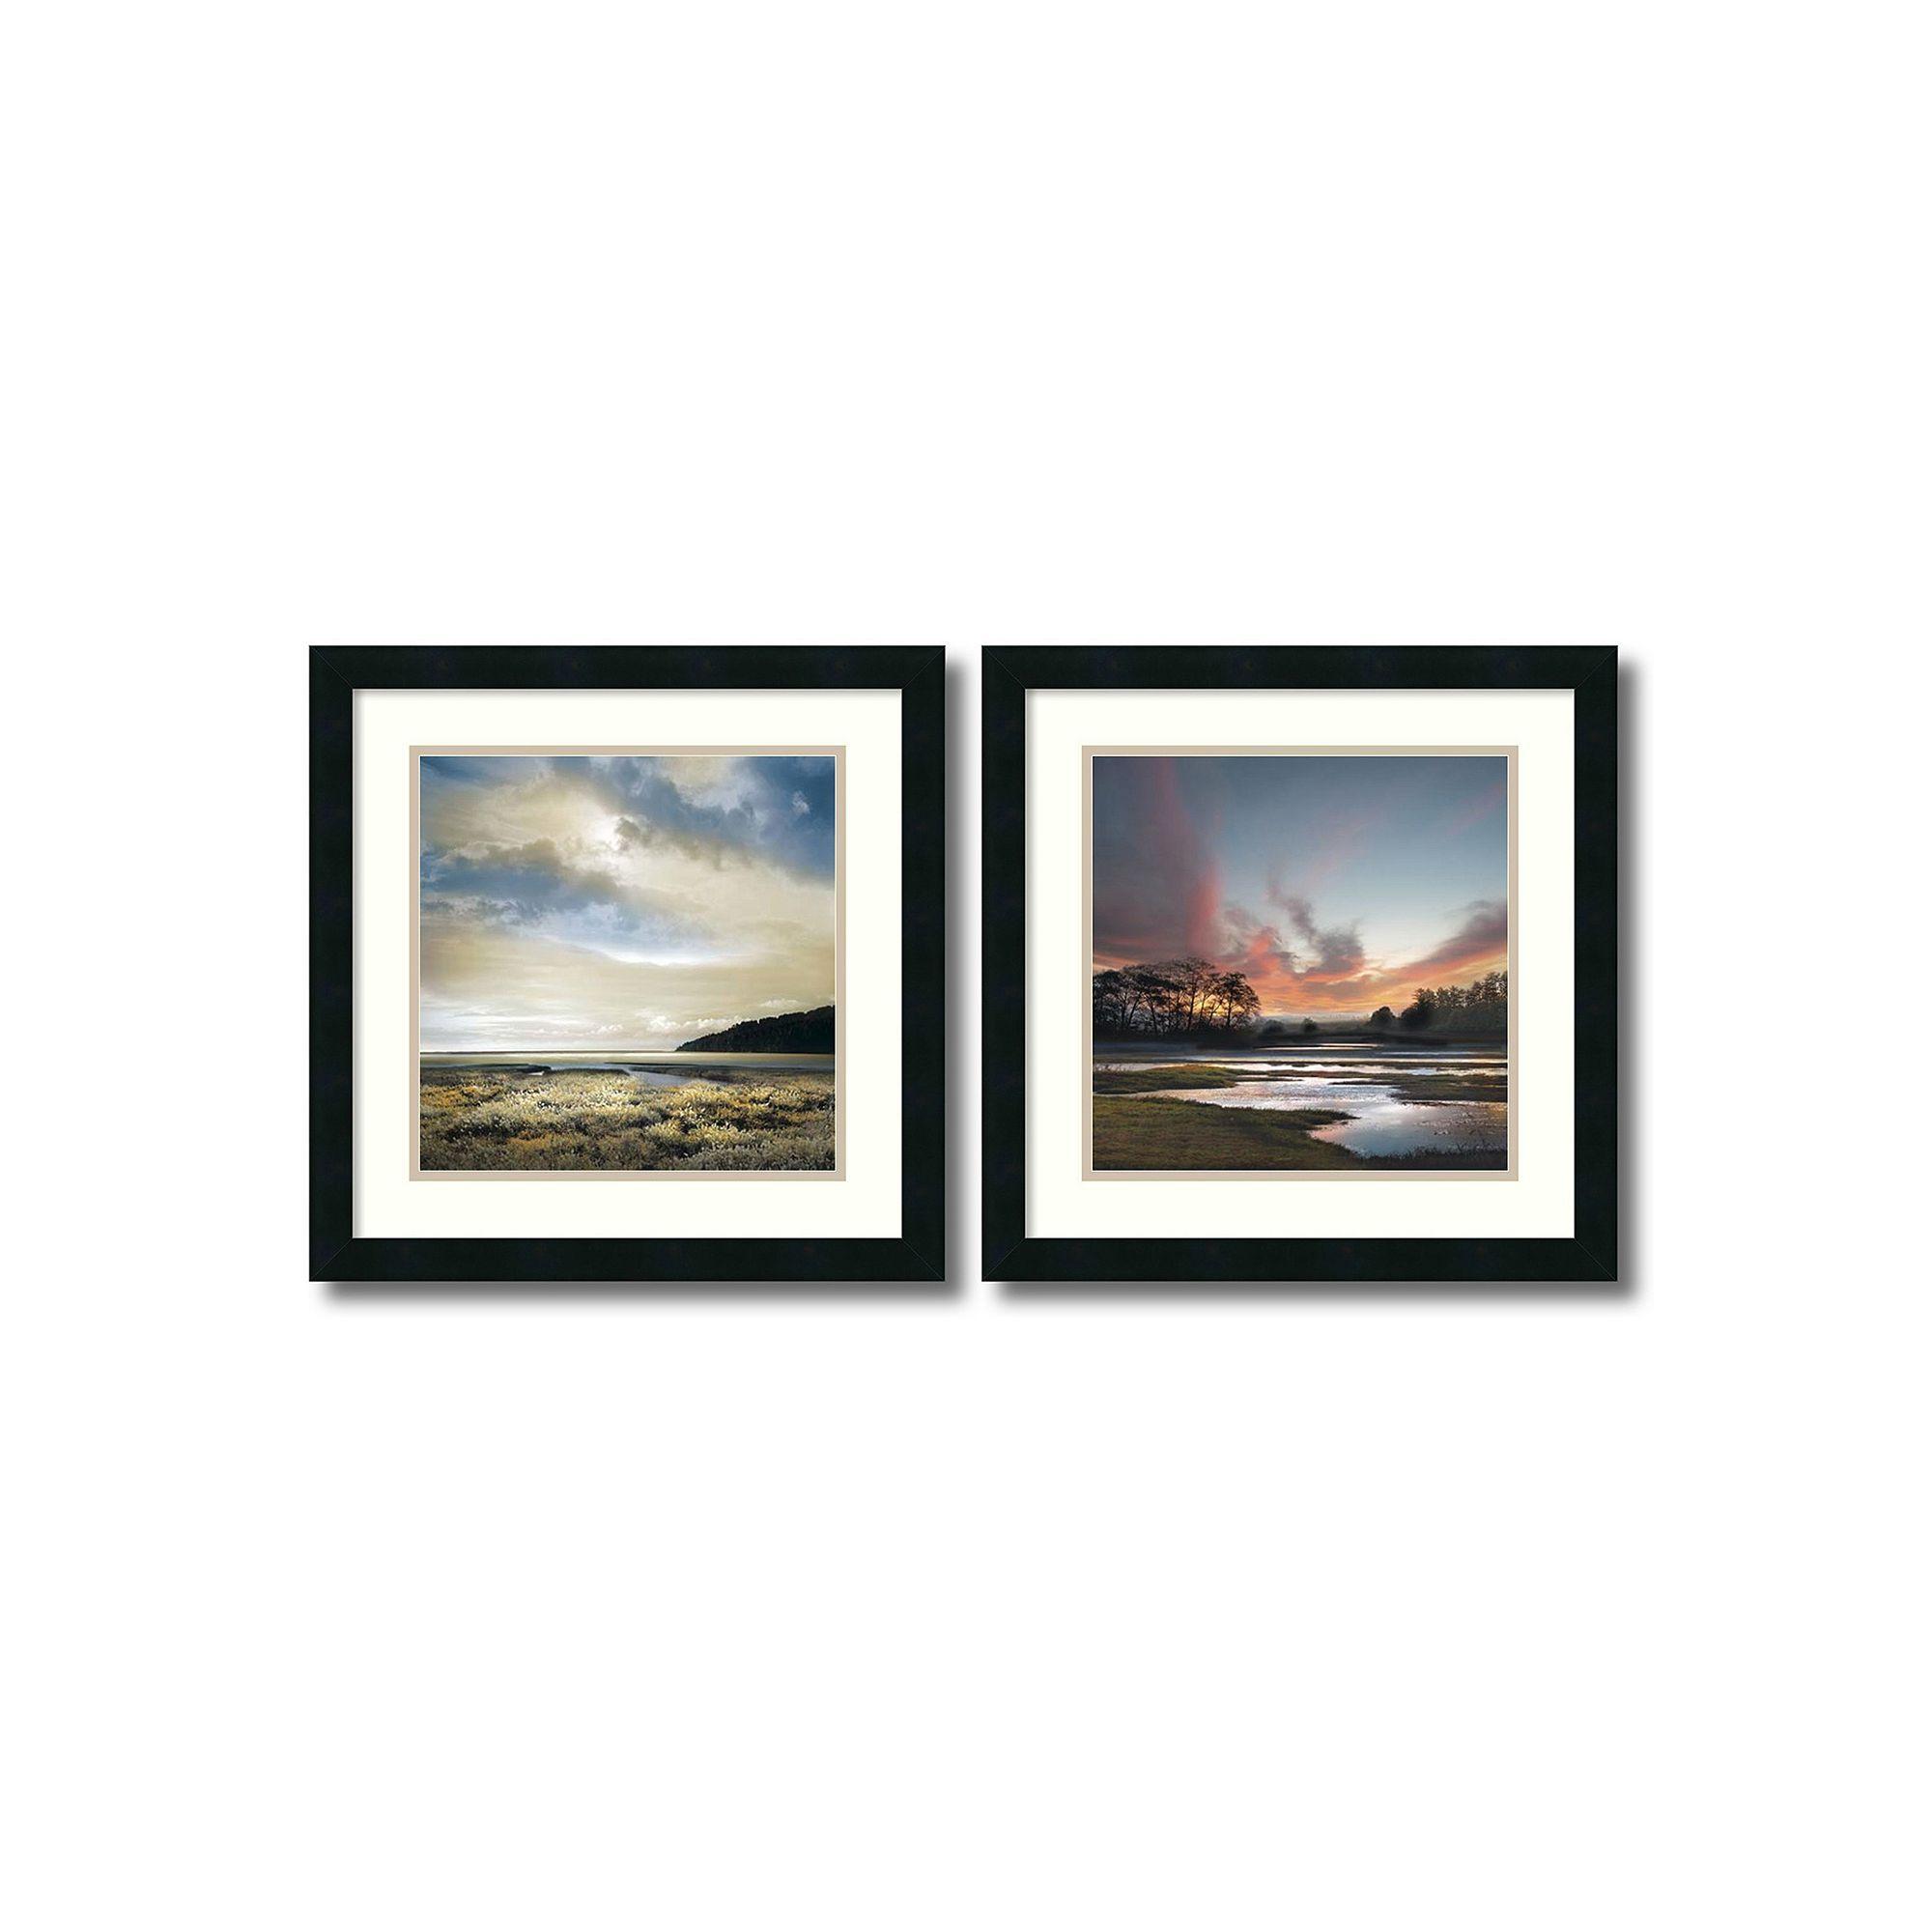 beyond the sun beach 2 piece framed wall art set products